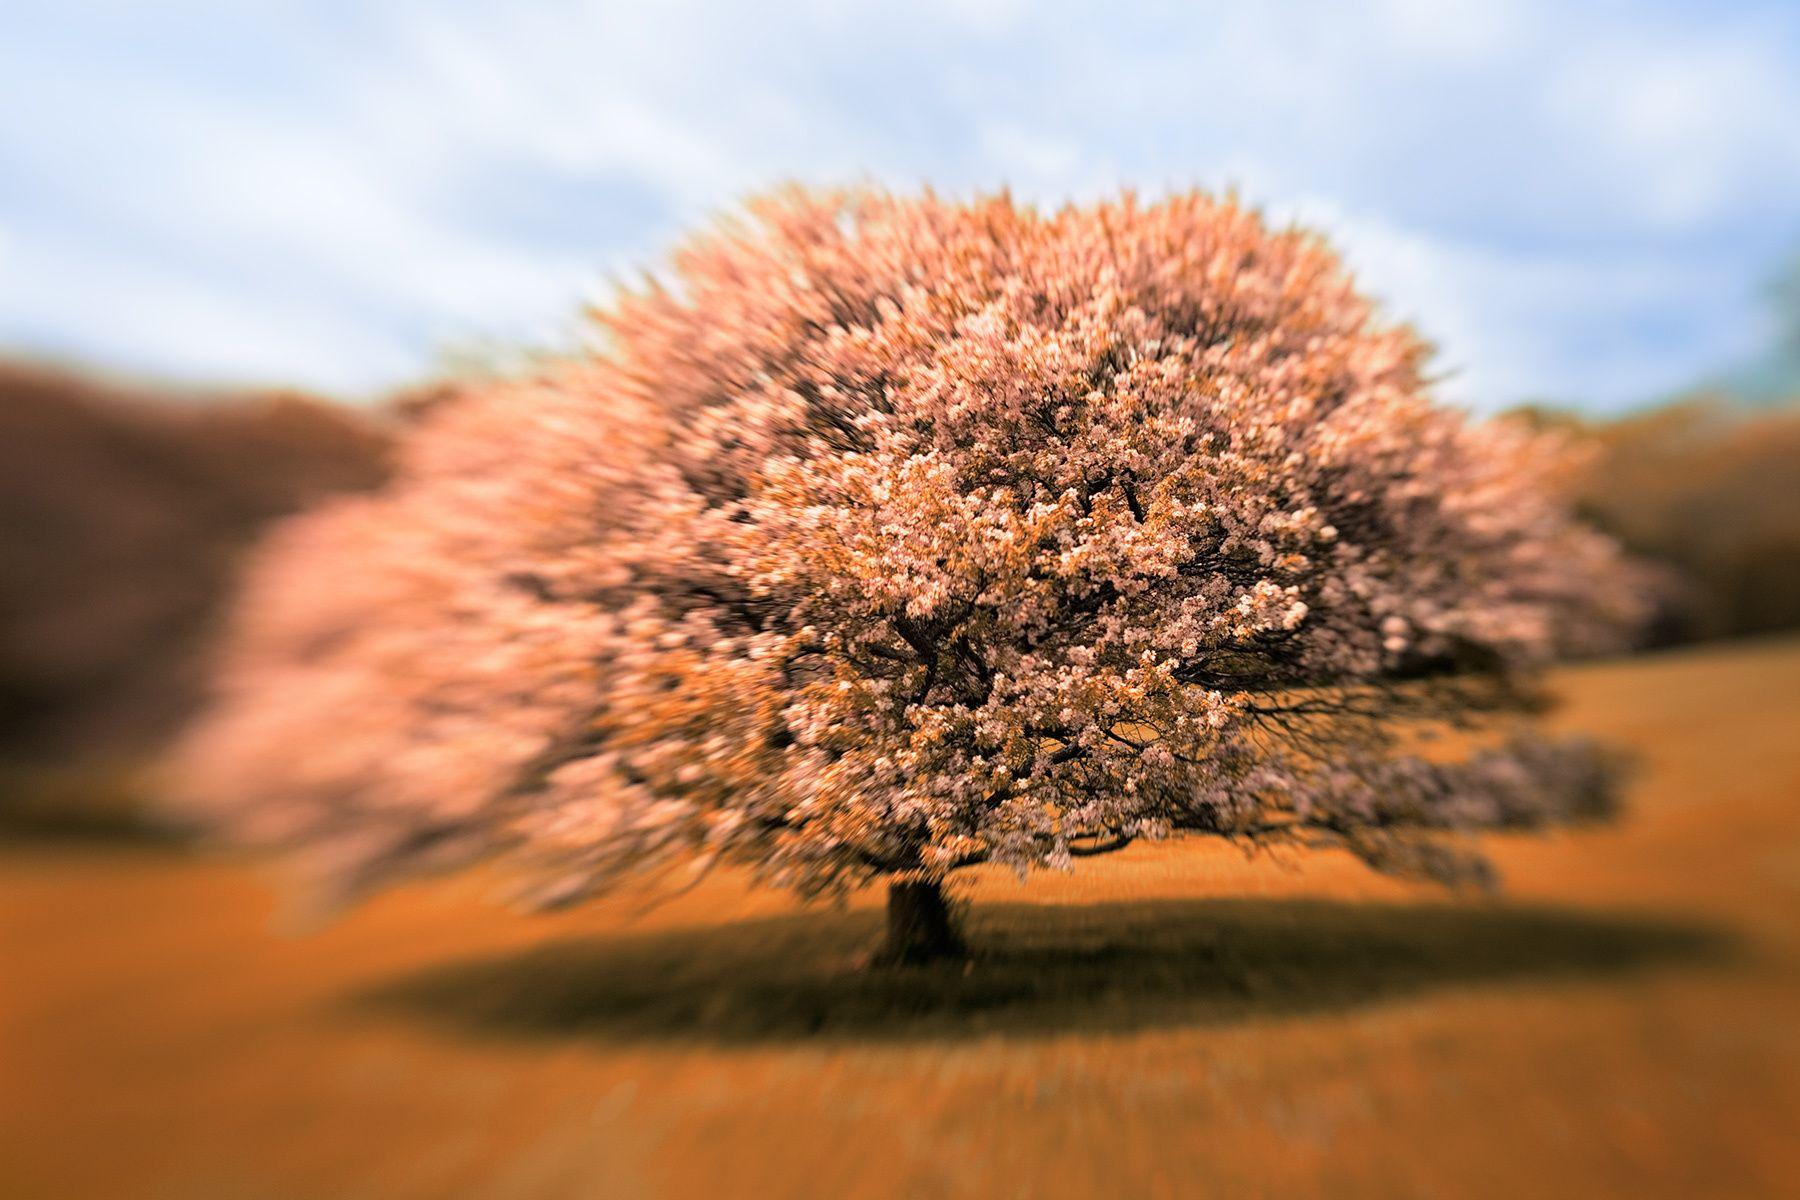 10228_whit_park_infrared.jpg